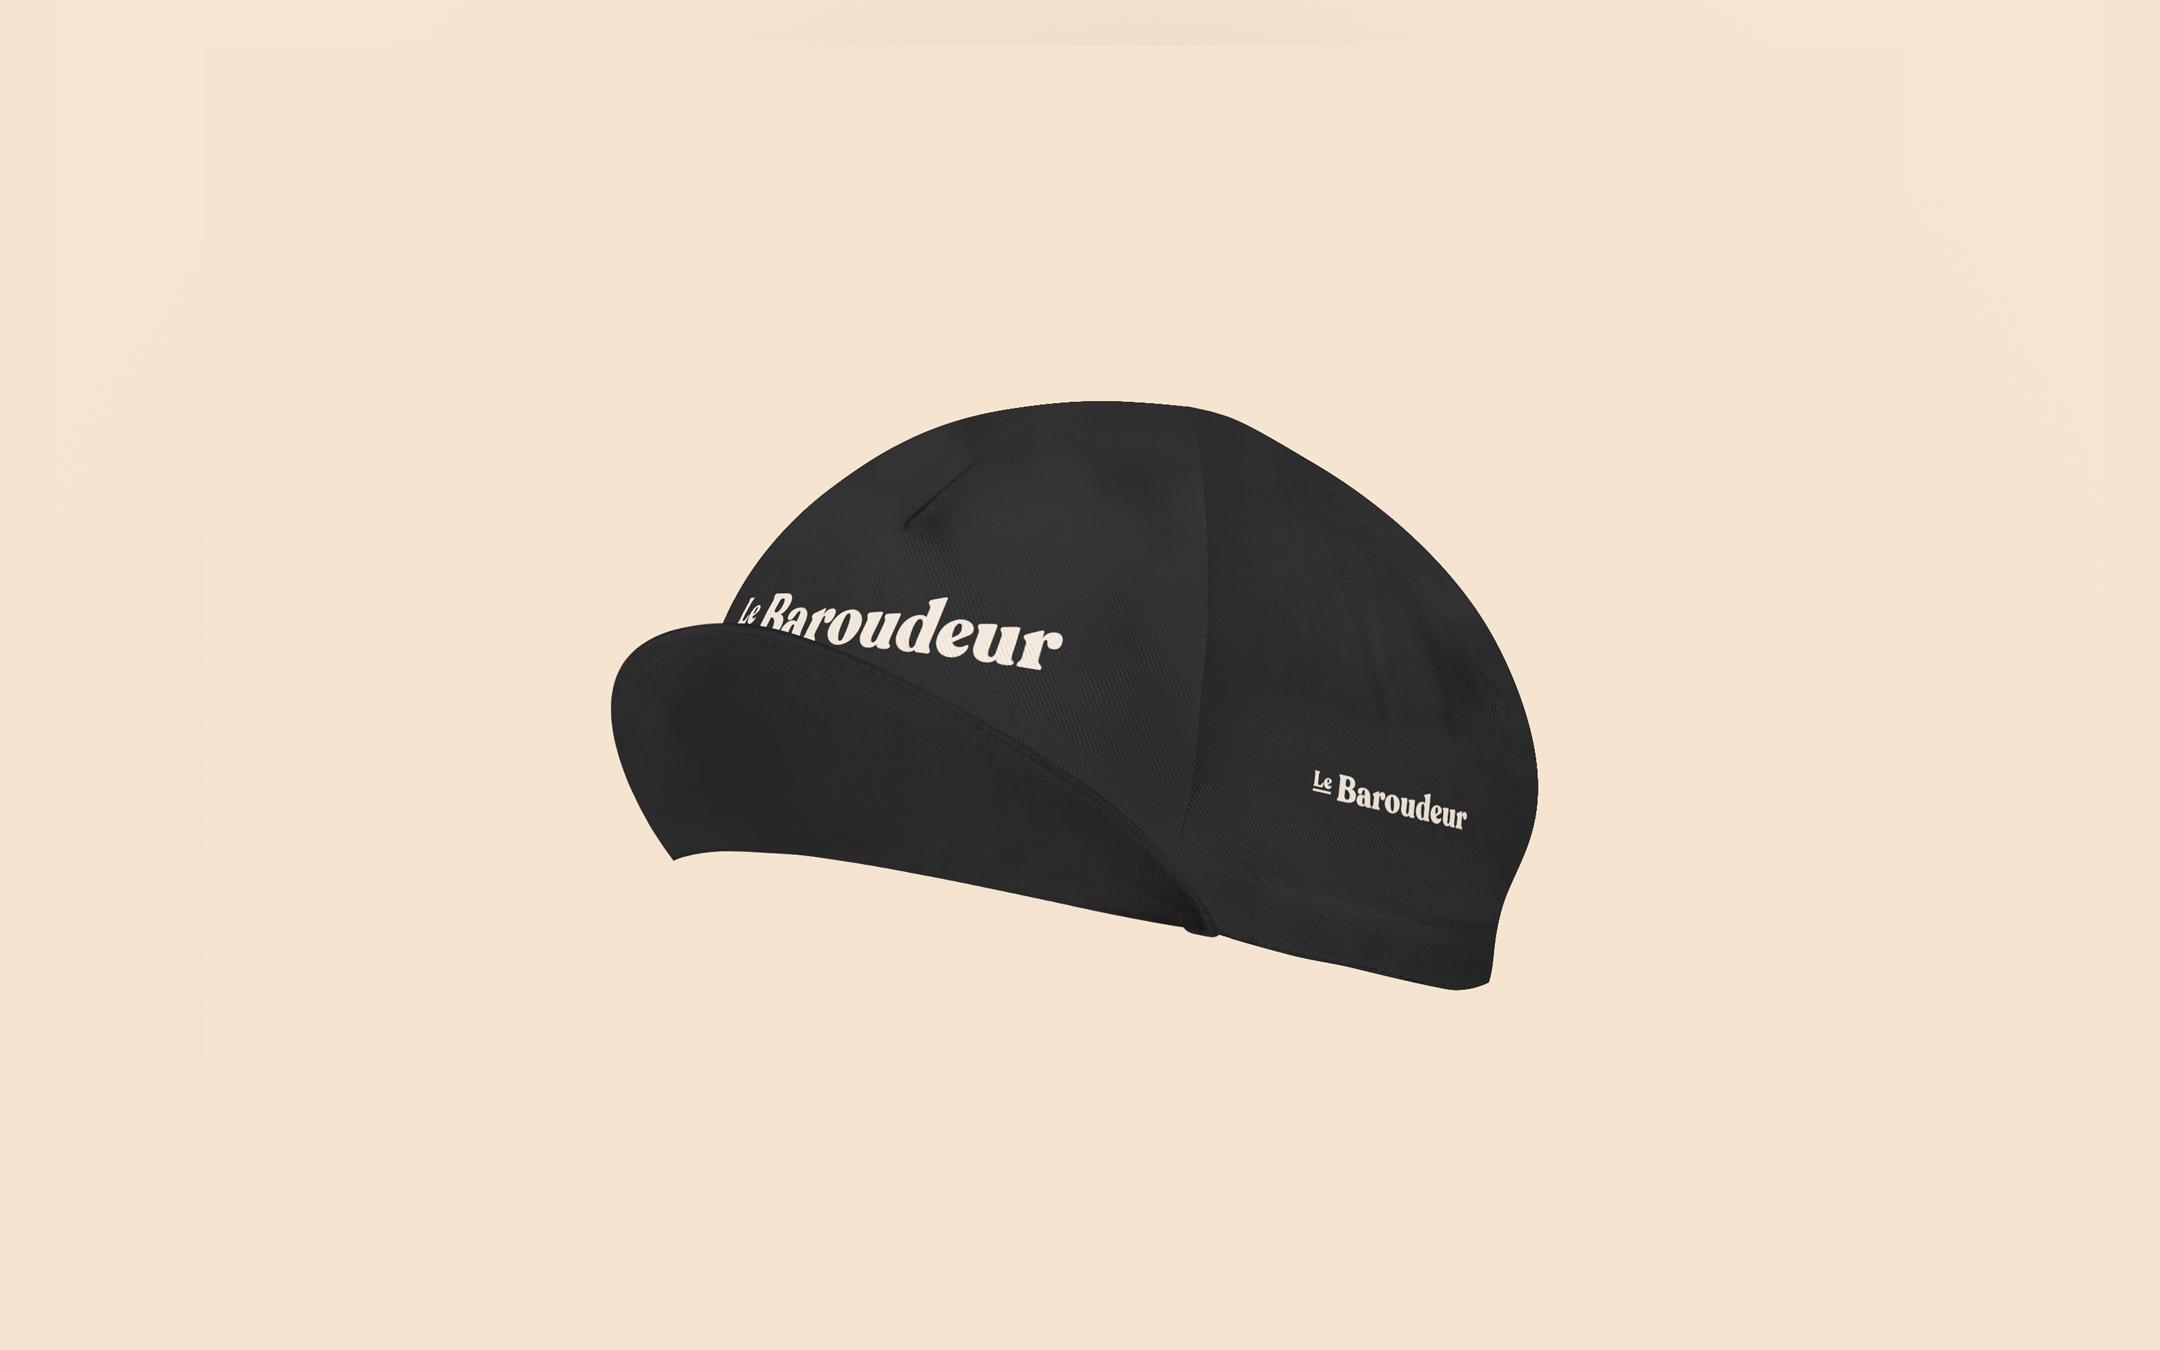 LeBourdeur_cyclingcap